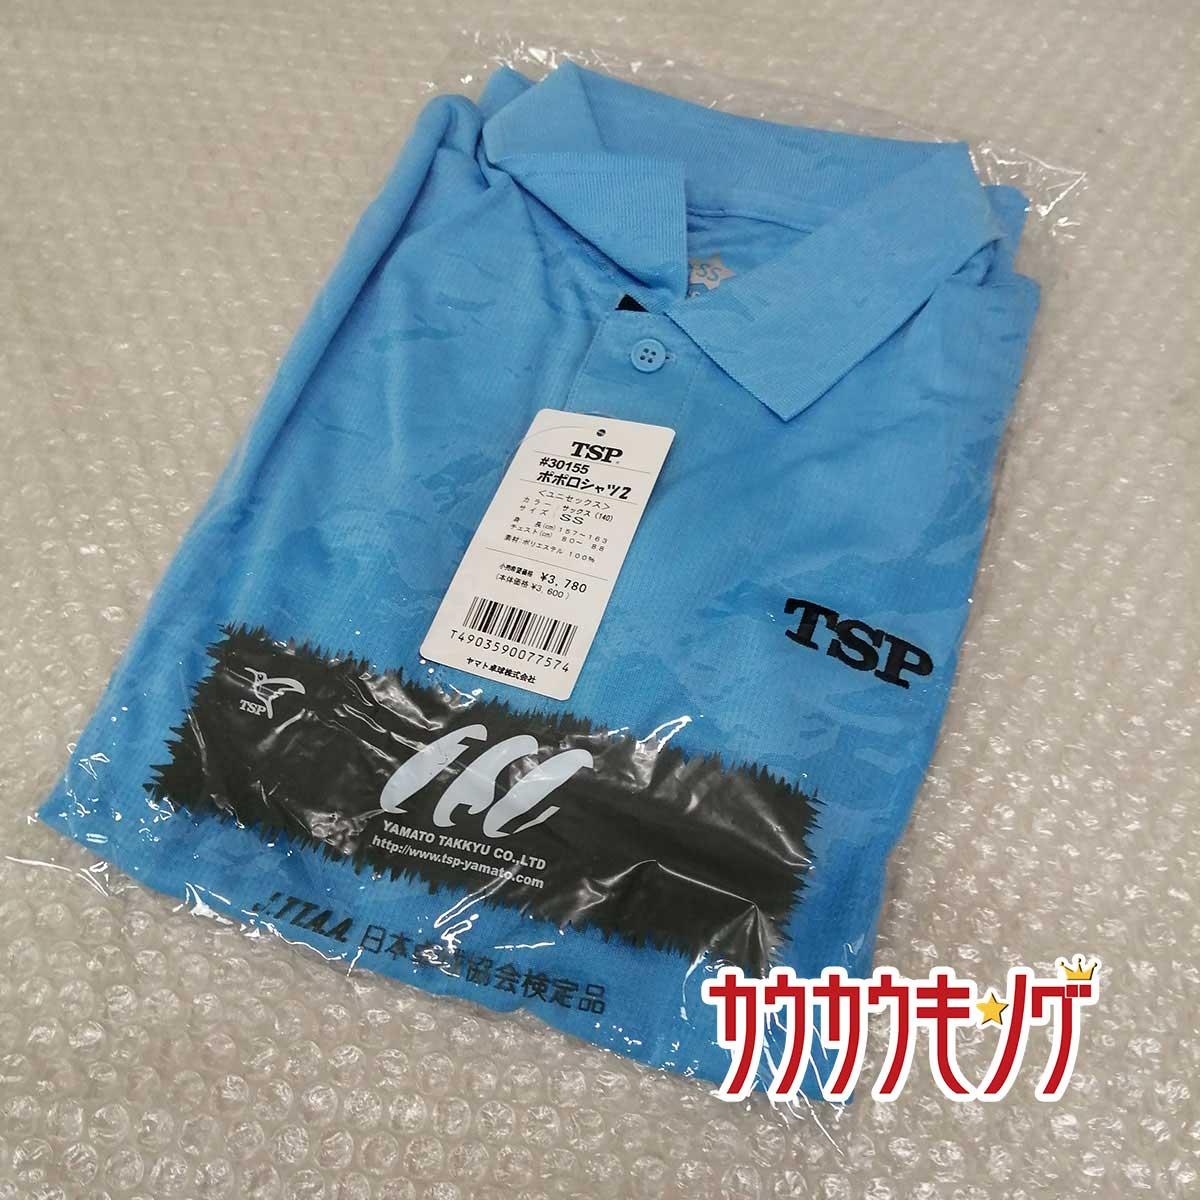 中古 新作製品、世界最高品質人気! 未使用 TSP ポロシャツ 半袖シャツ プラシャツ ディスカウント サイズSS ブルー 卓球ウェア